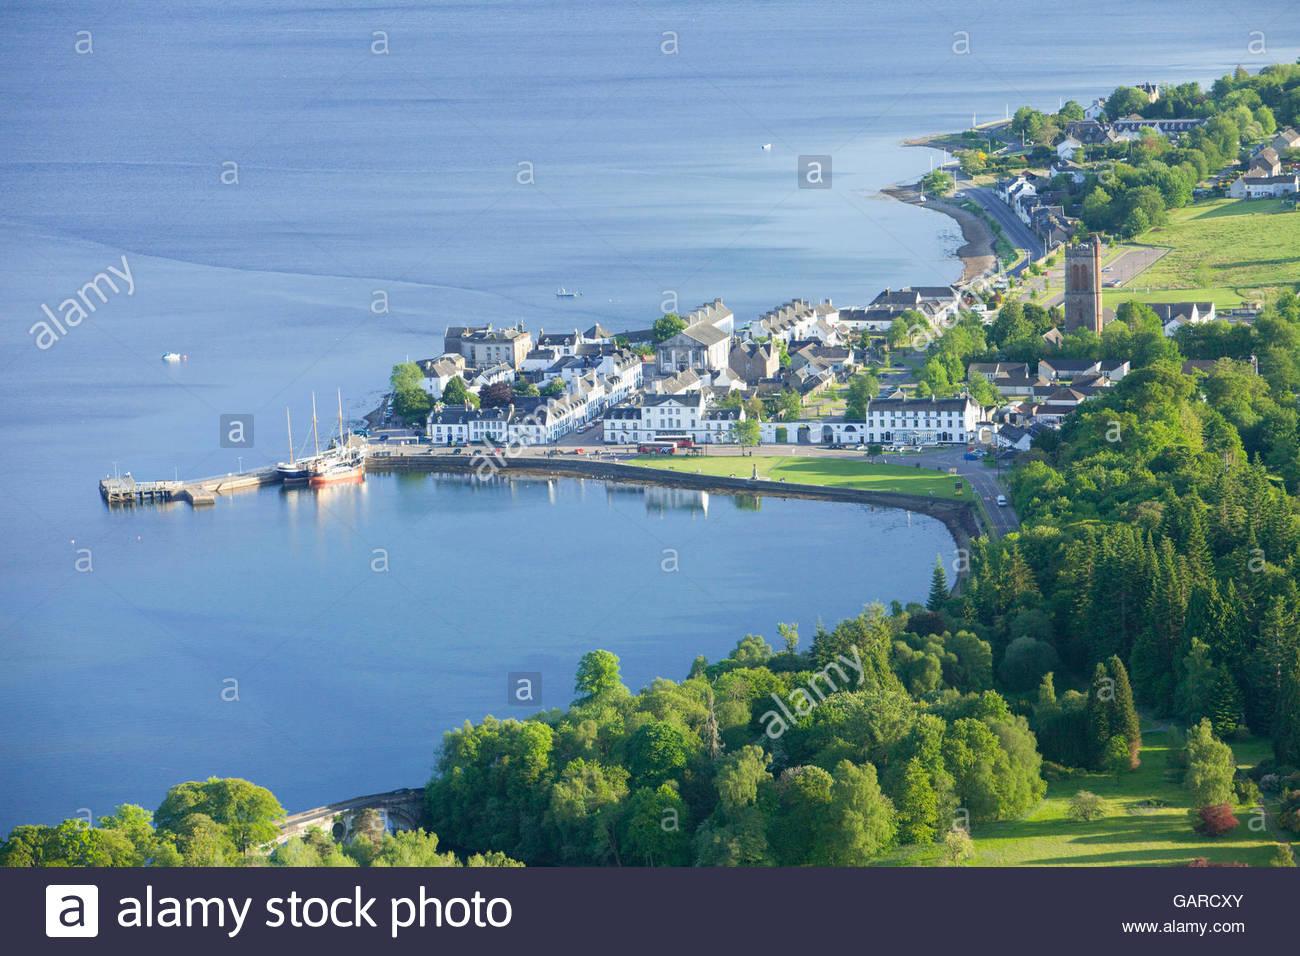 Scottish Coastal Town Stock Photos & Scottish Coastal Town Stock